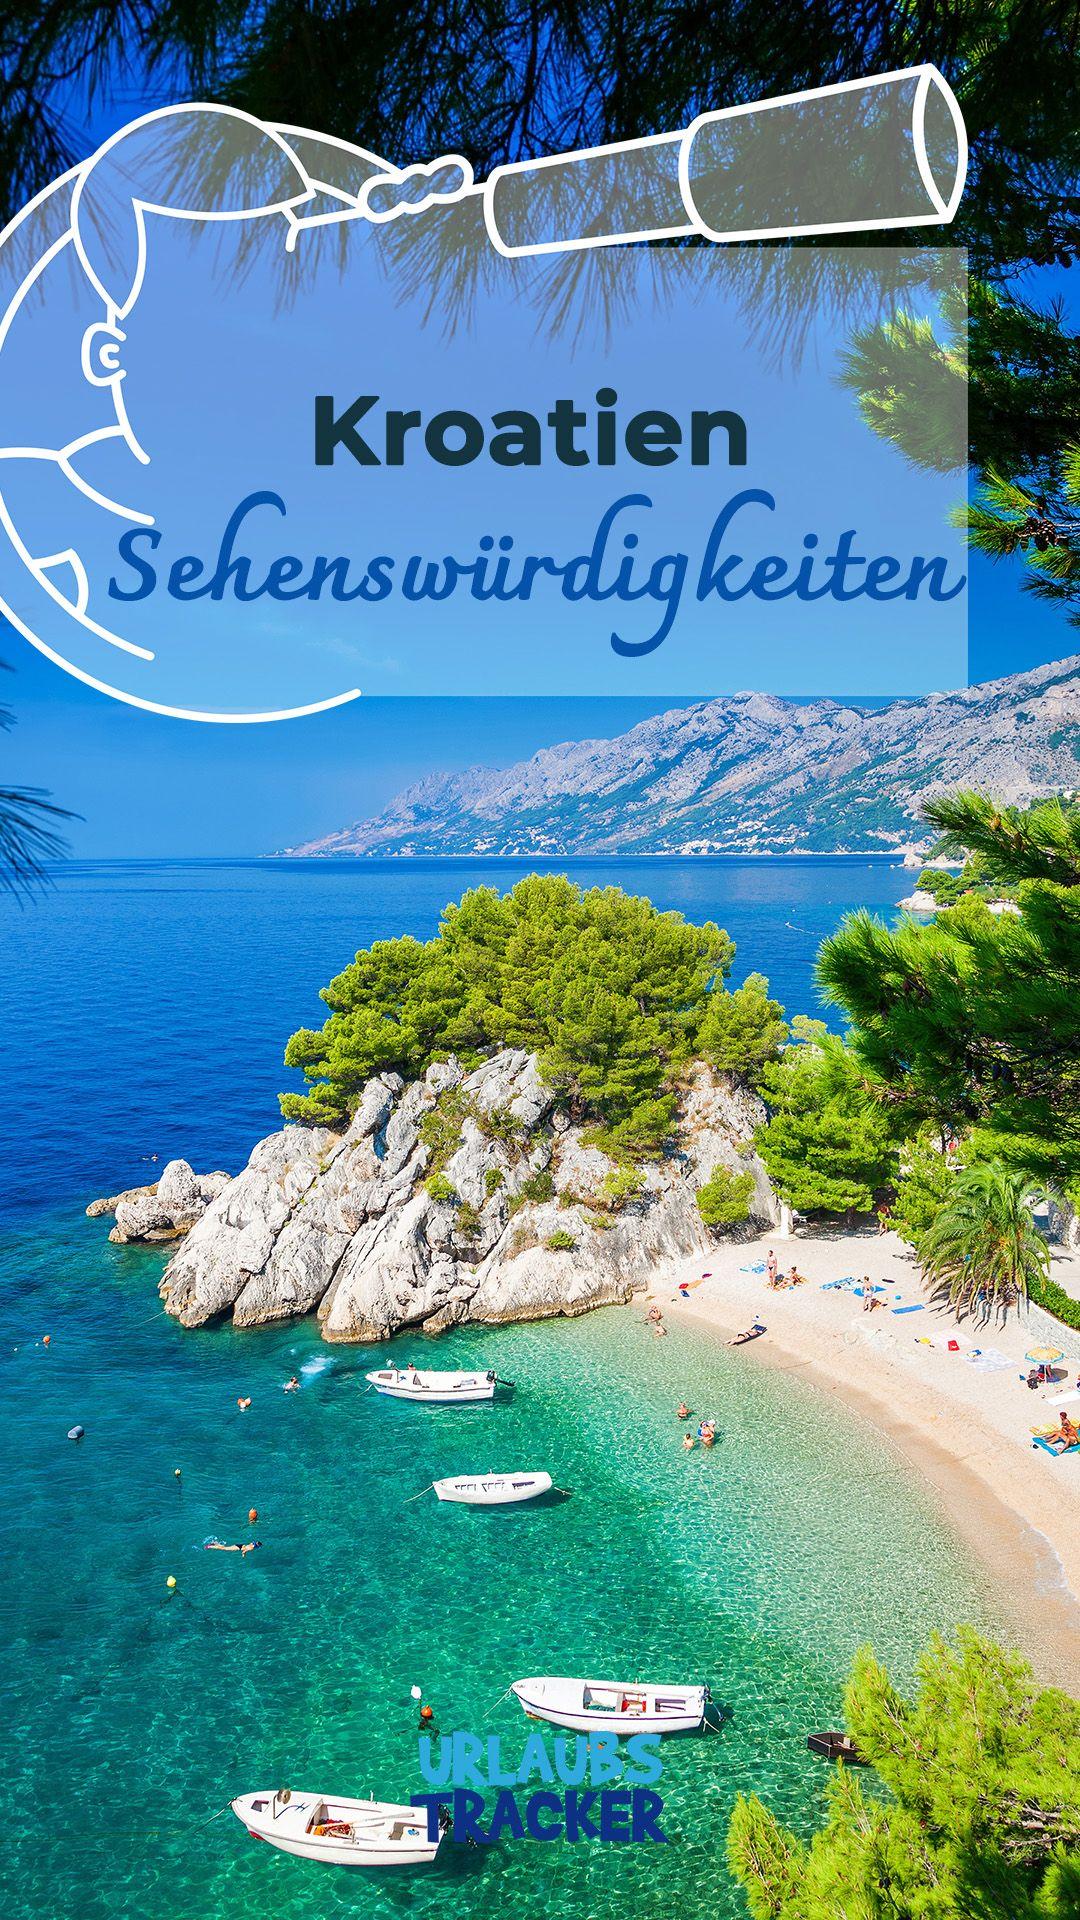 Kroatien Sehenswurdigkeiten Die Top 14 Im Uberblick